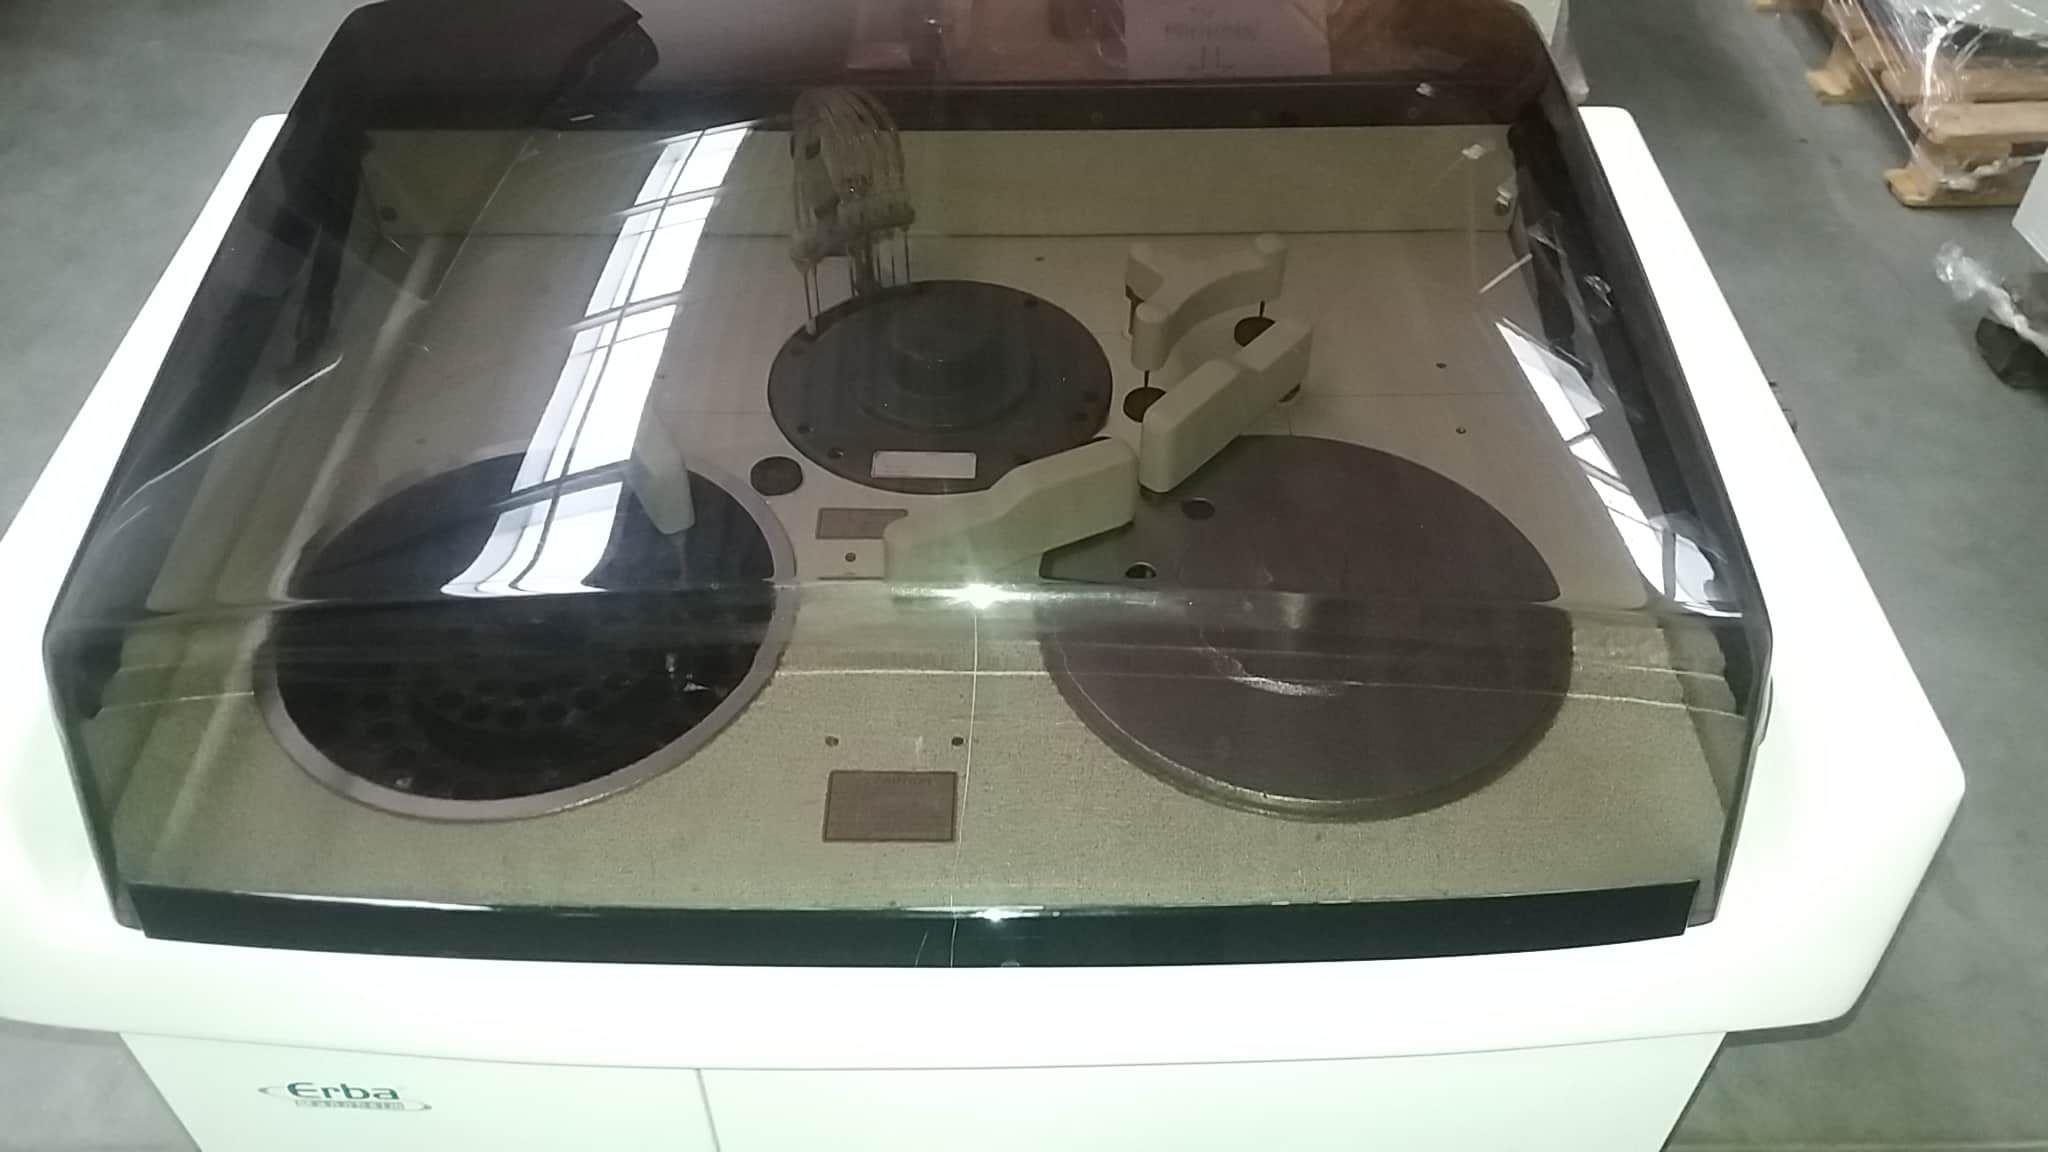 ERBA XL 300 ISE